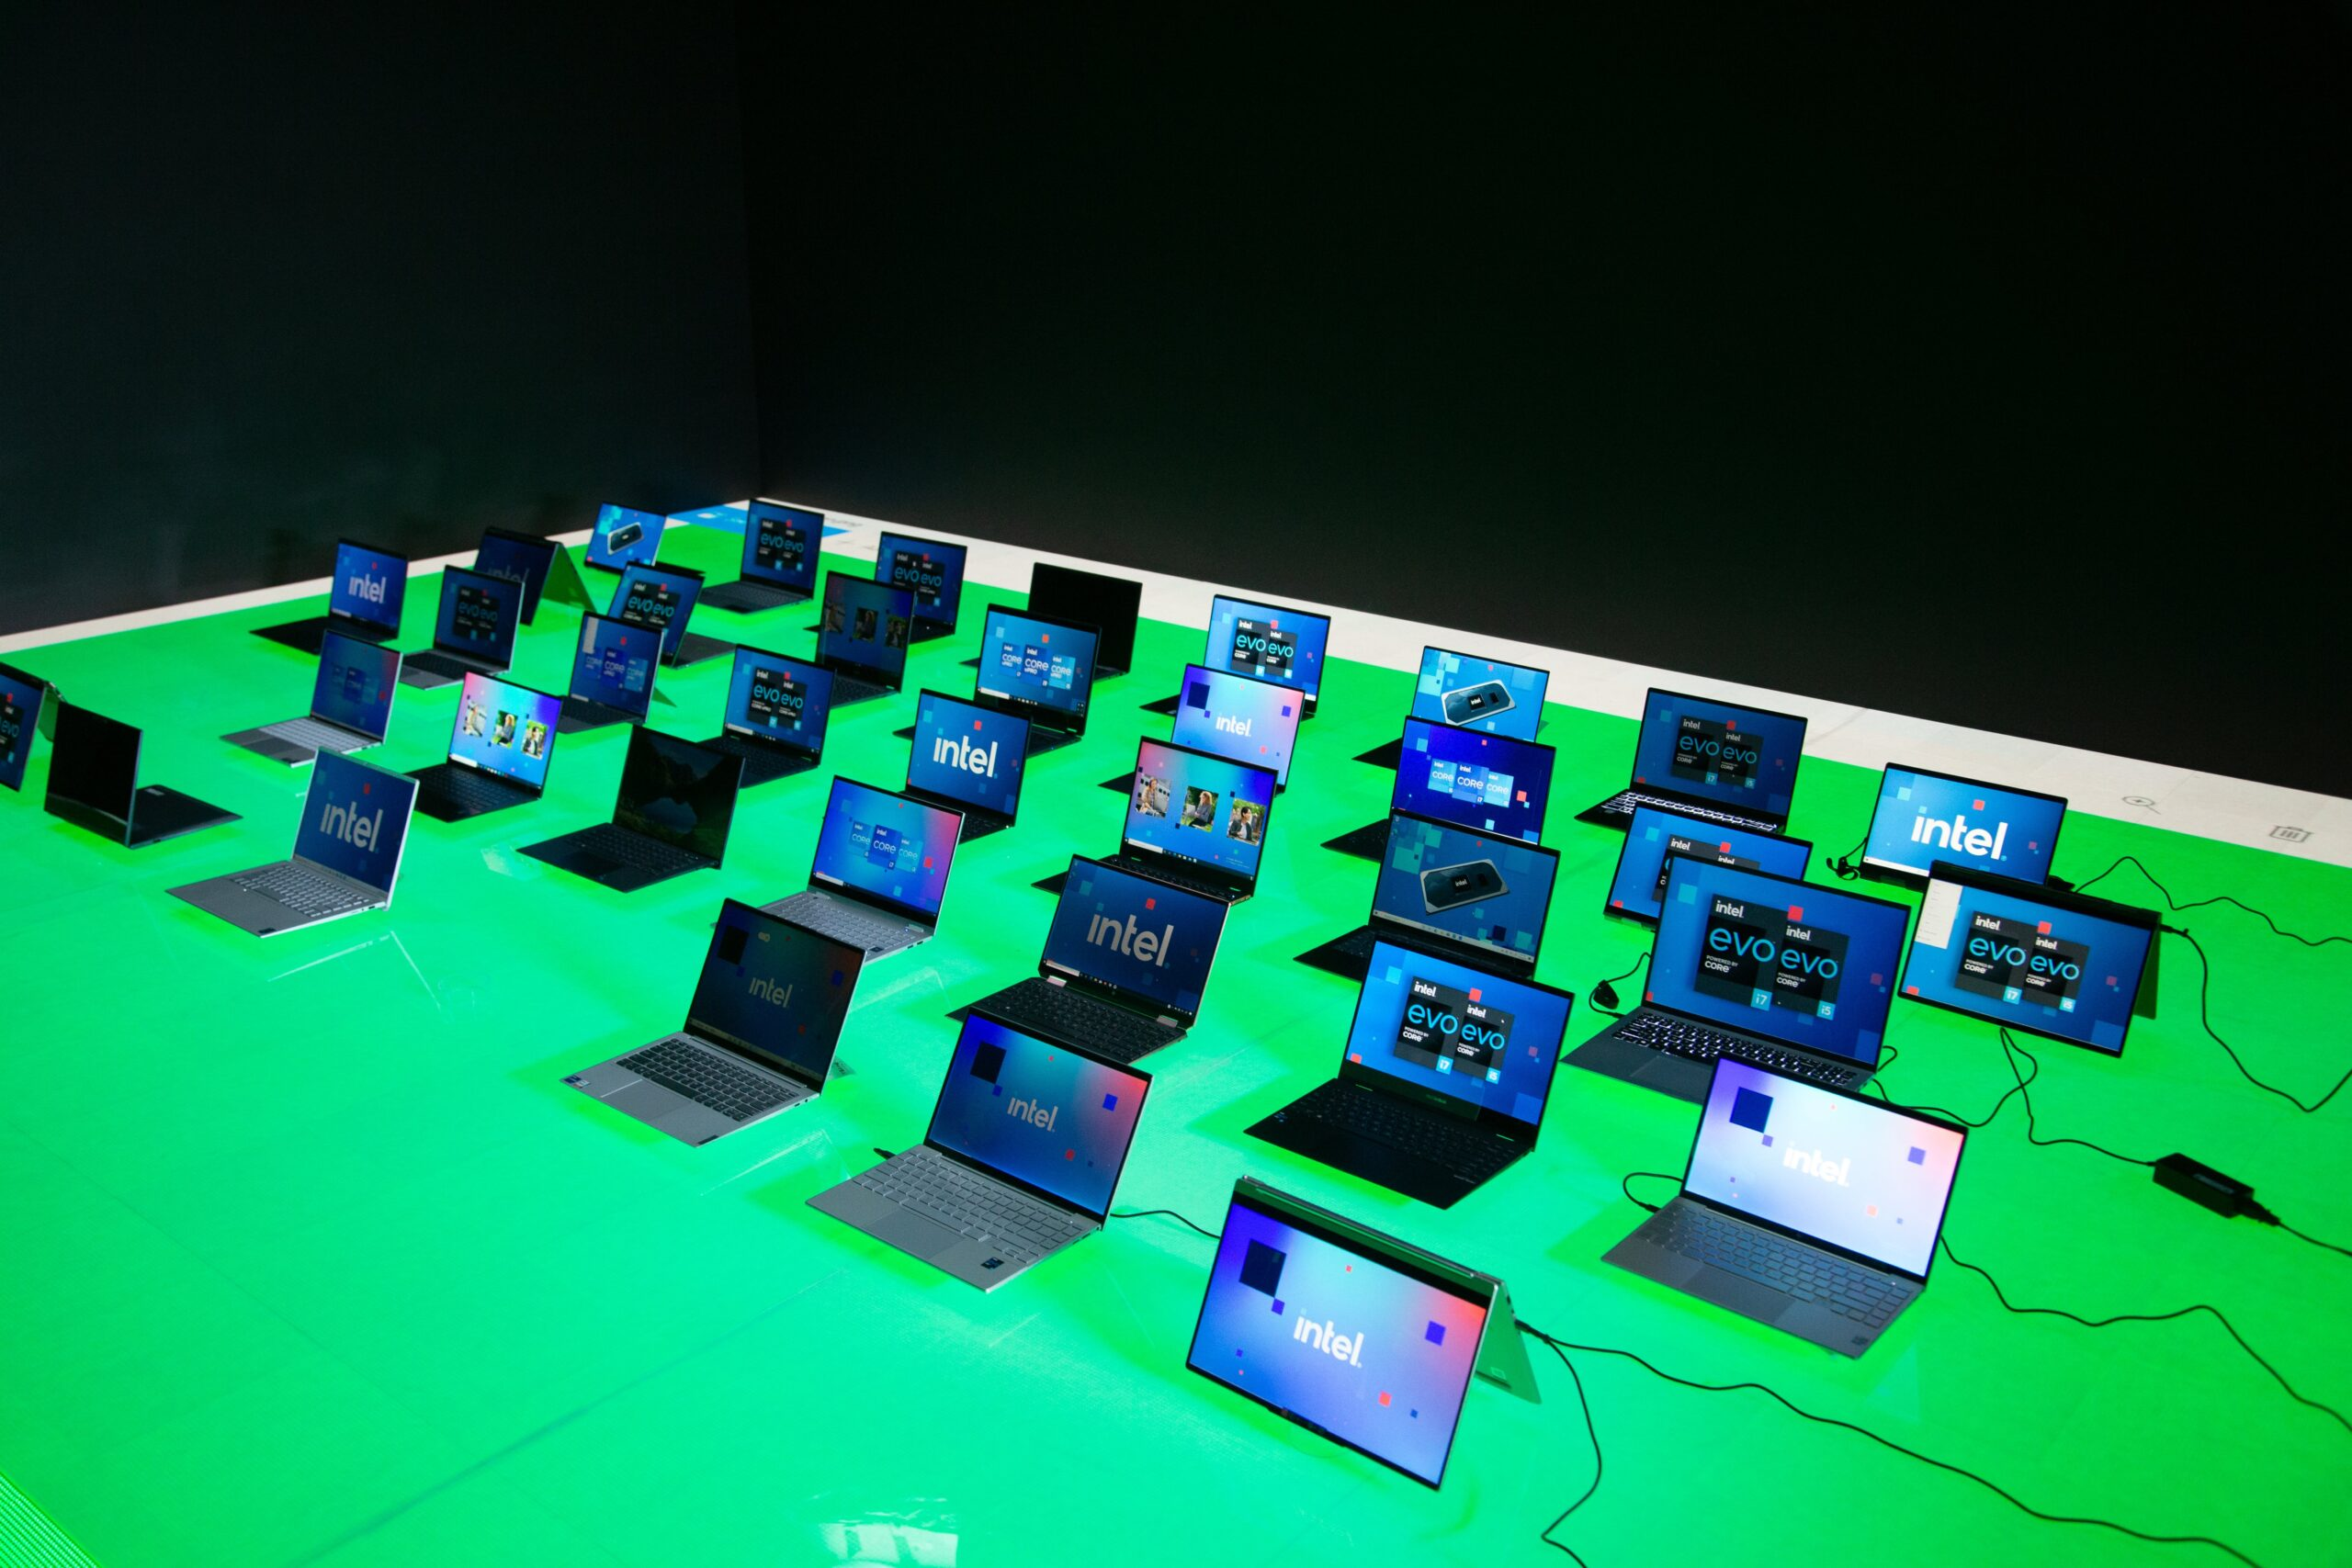 Equipos de varios OEM con los nuevos procesadores Intel Core vPro Generación 11